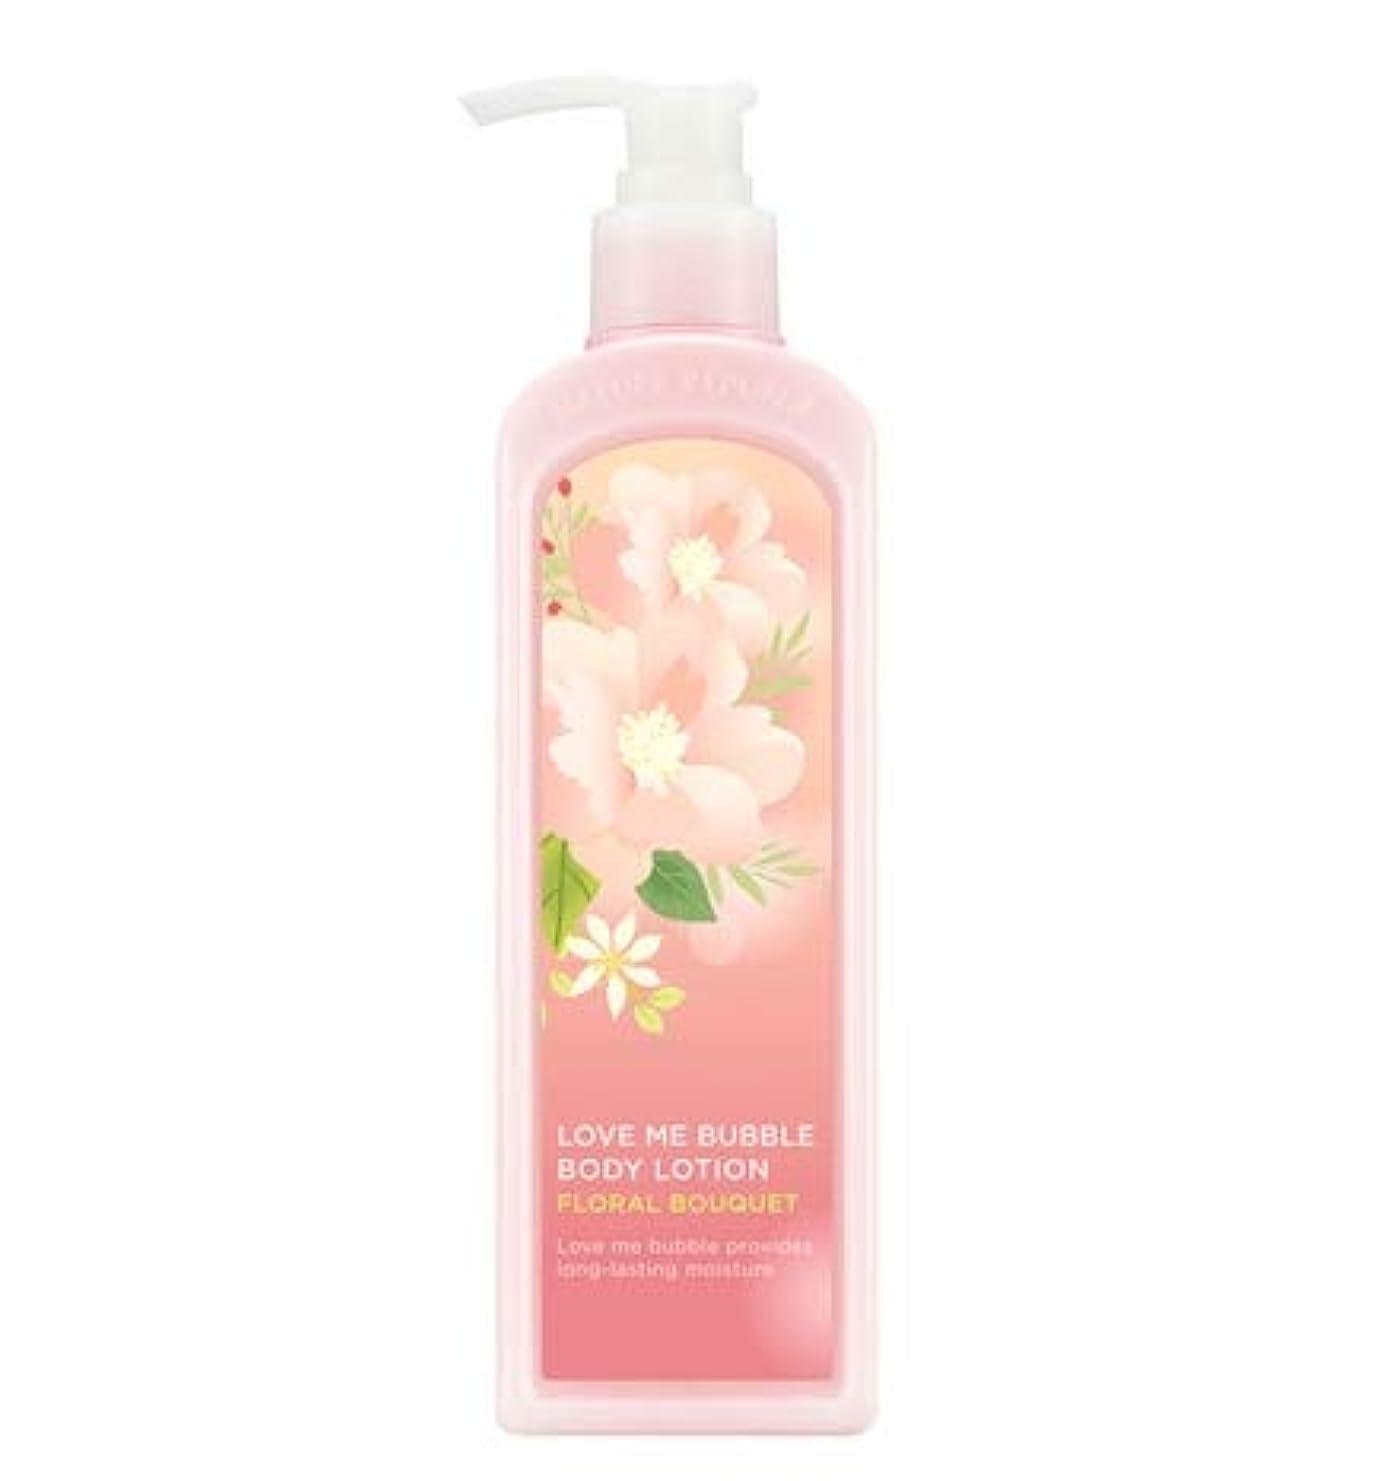 おめでとう麻酔薬フライトNATURE REPUBLIC Love Me Bubble Body Lotion-Floral bouquet ネイチャリパブリックラブミバブルボディーローション [並行輸入品]